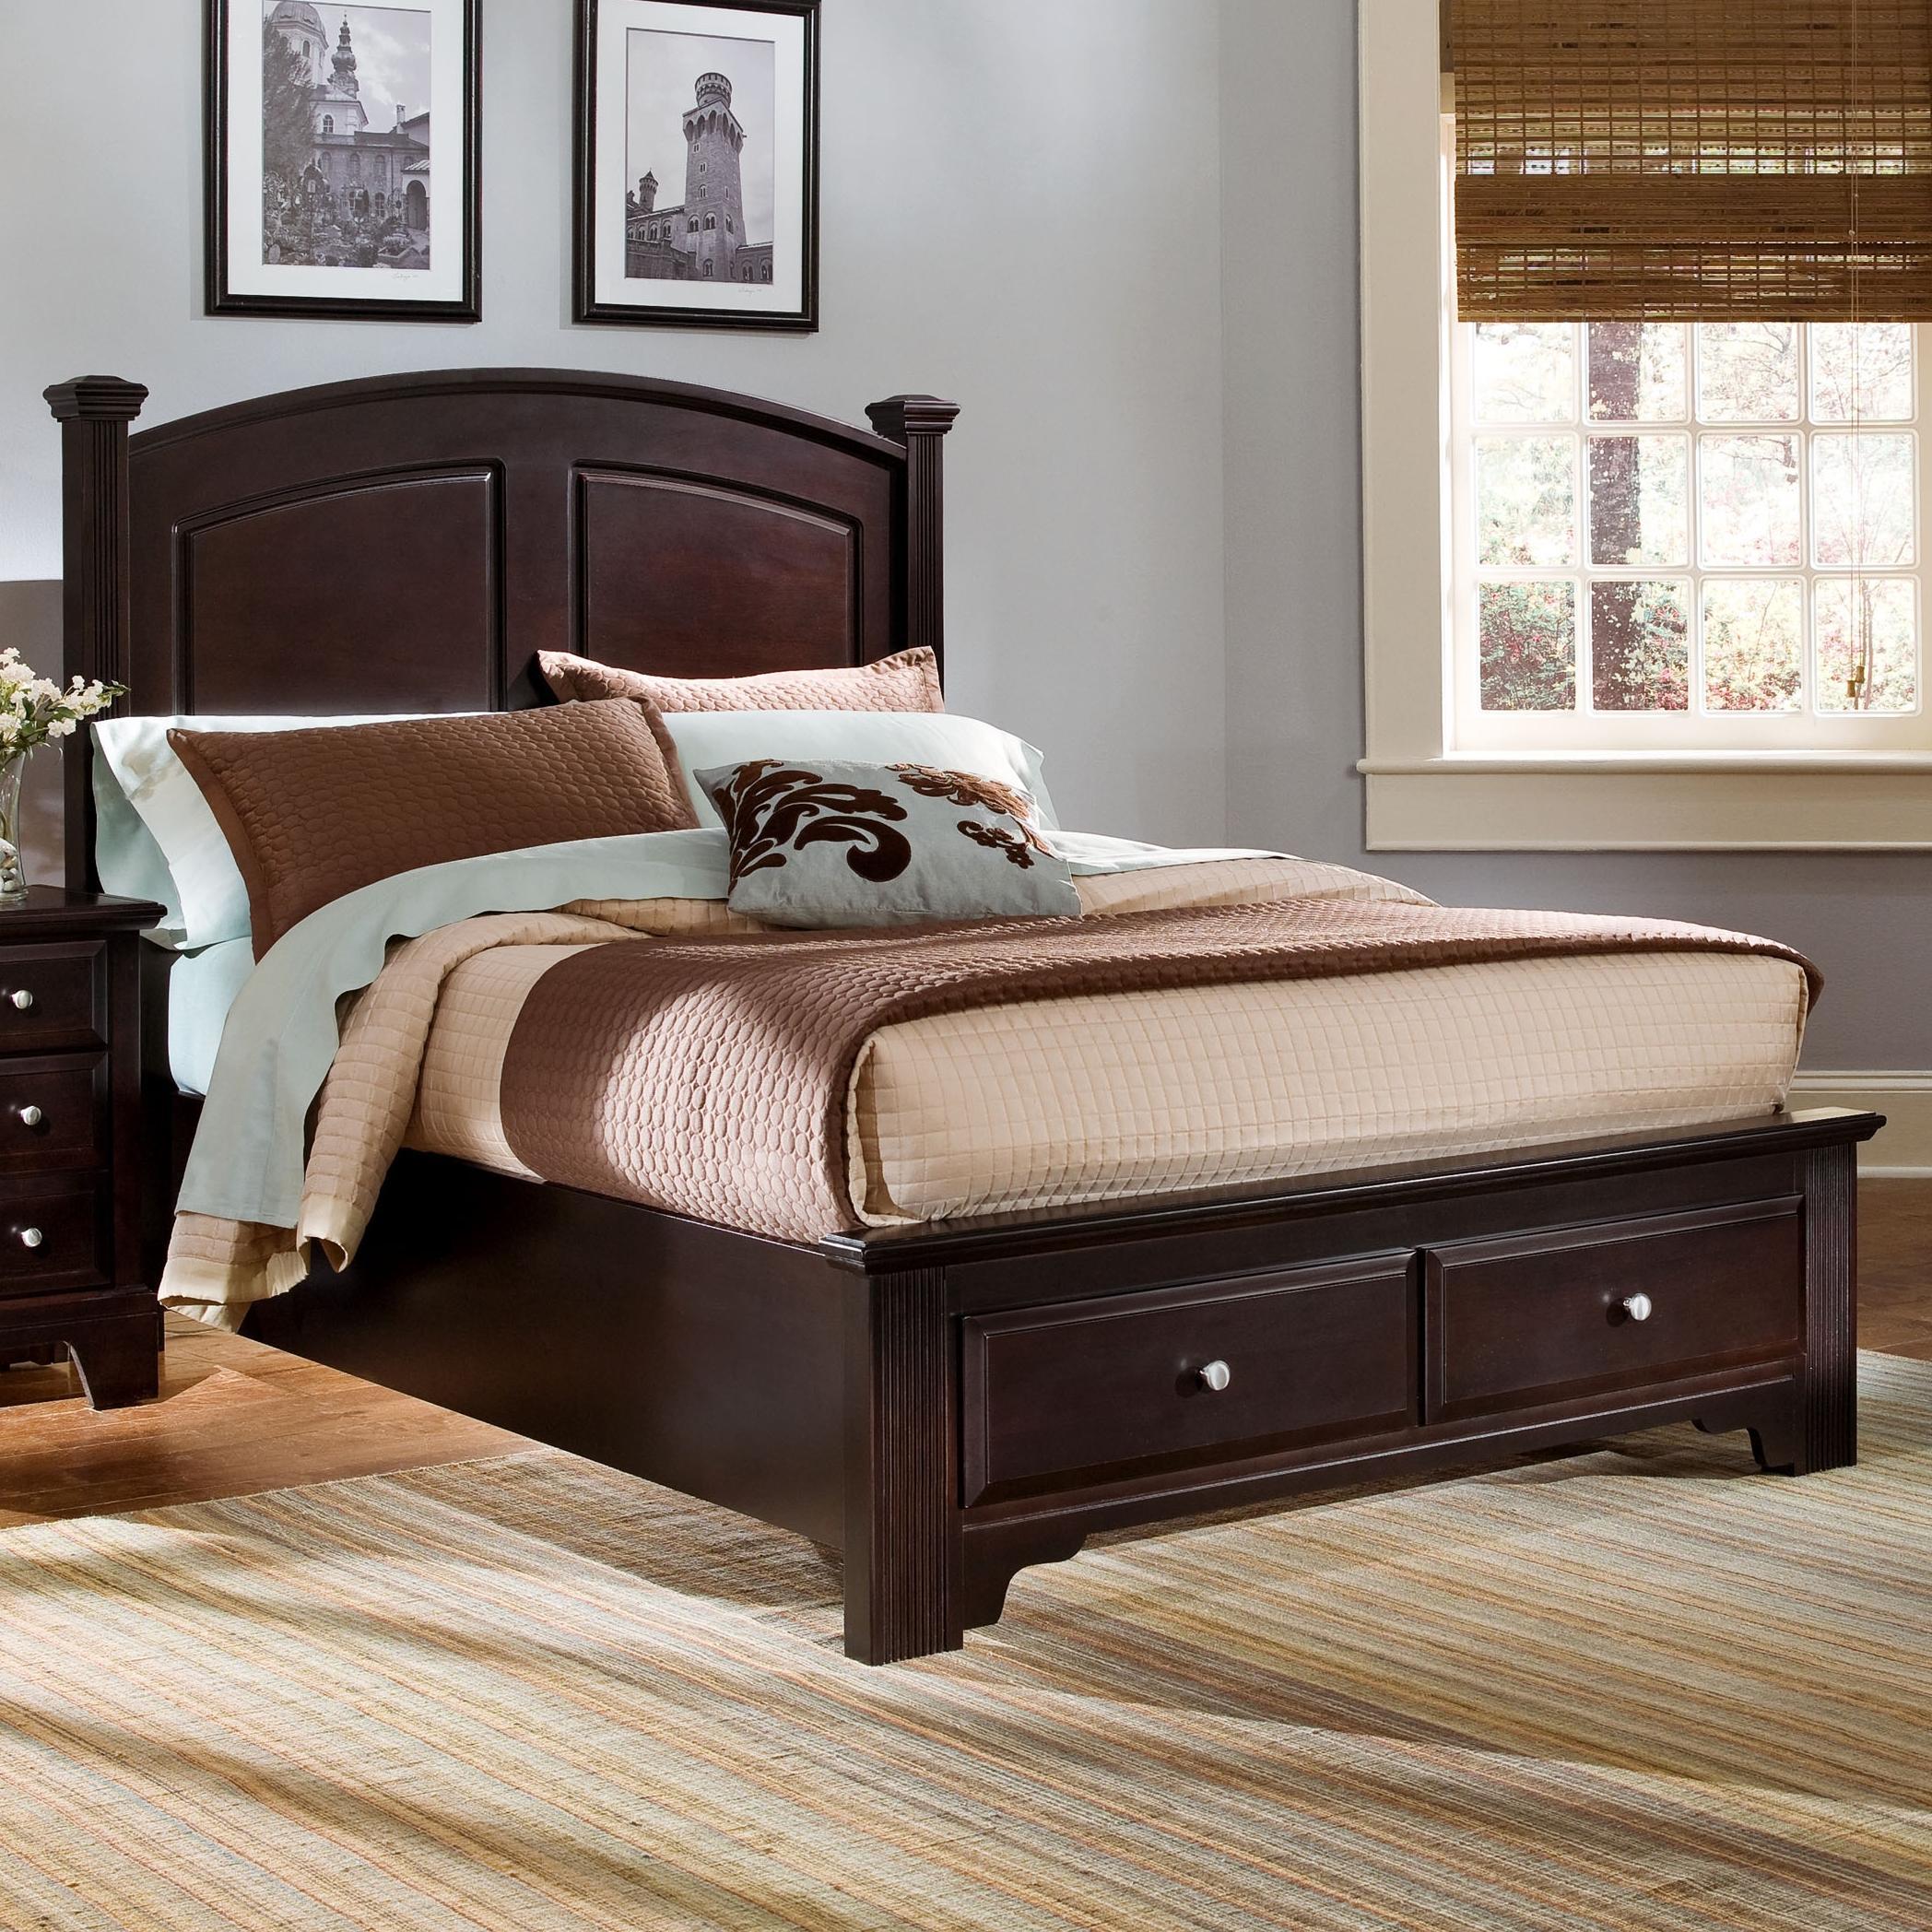 vaughan bassett hamilton king panel storage bed belfort. Black Bedroom Furniture Sets. Home Design Ideas